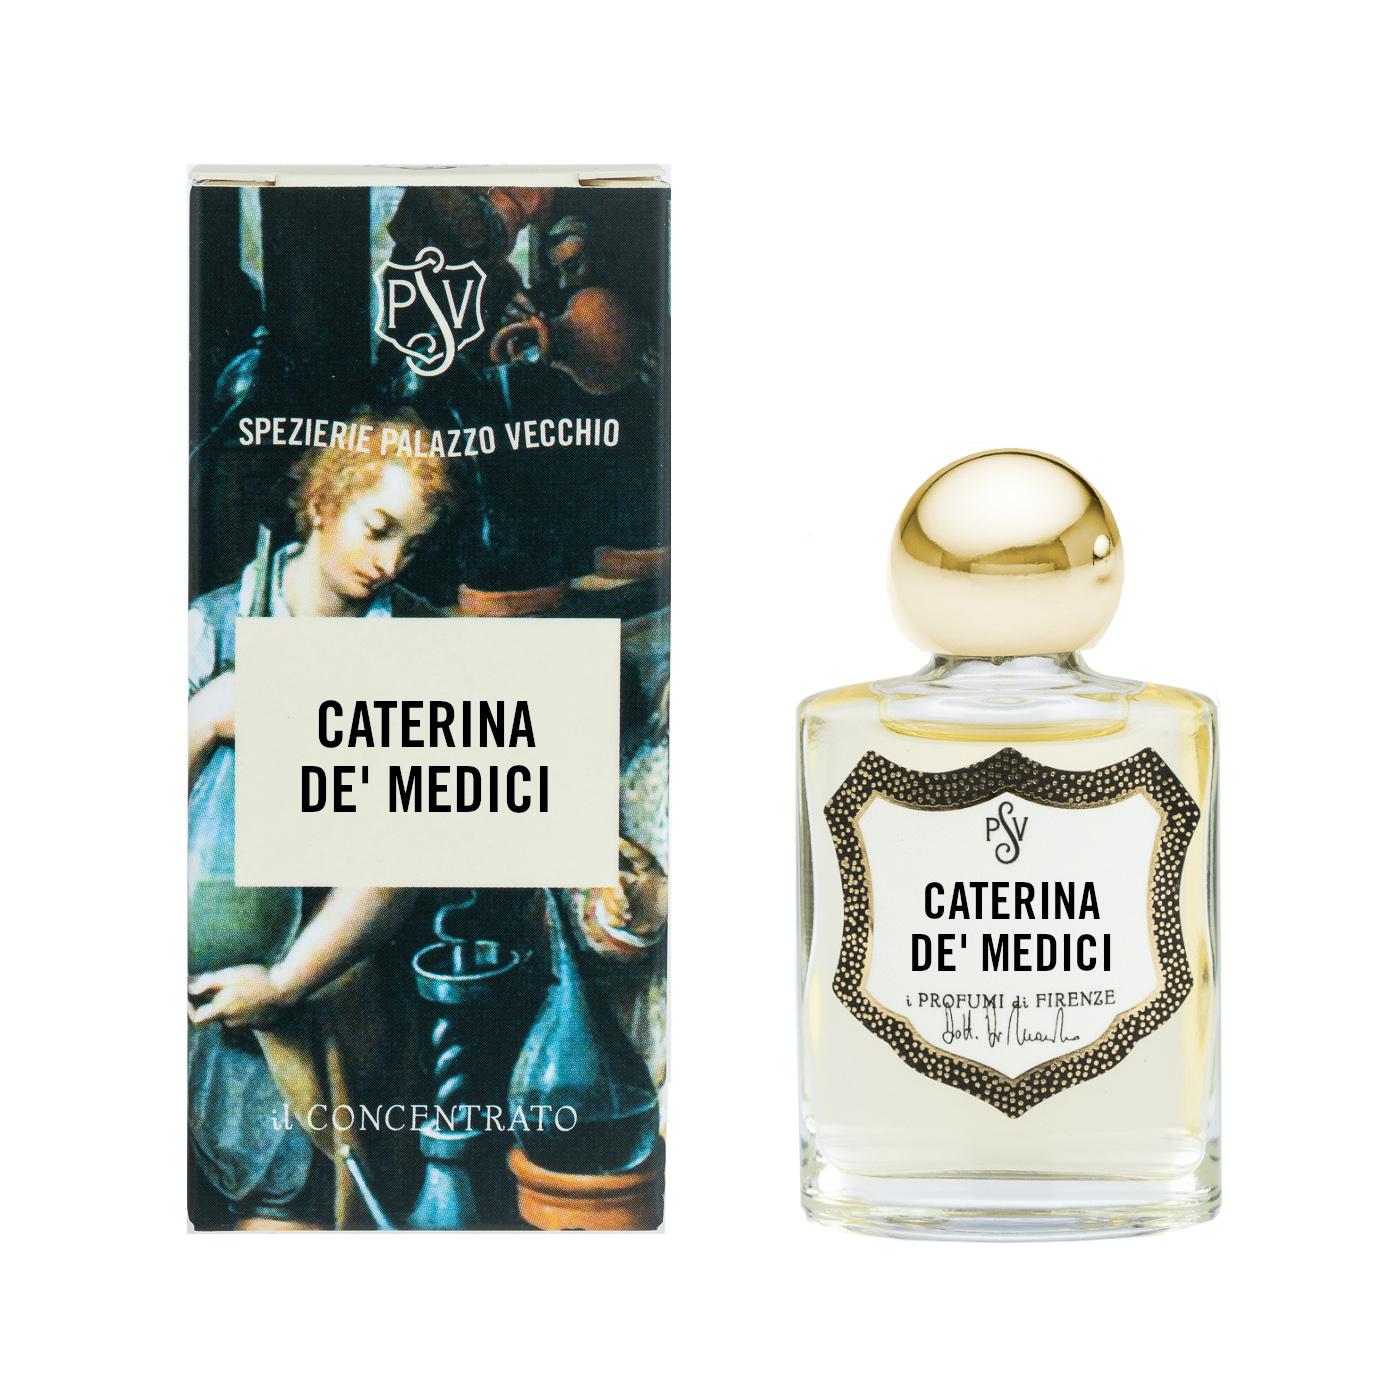 CATERINA DE' MEDICI - Il Concentrato-3895